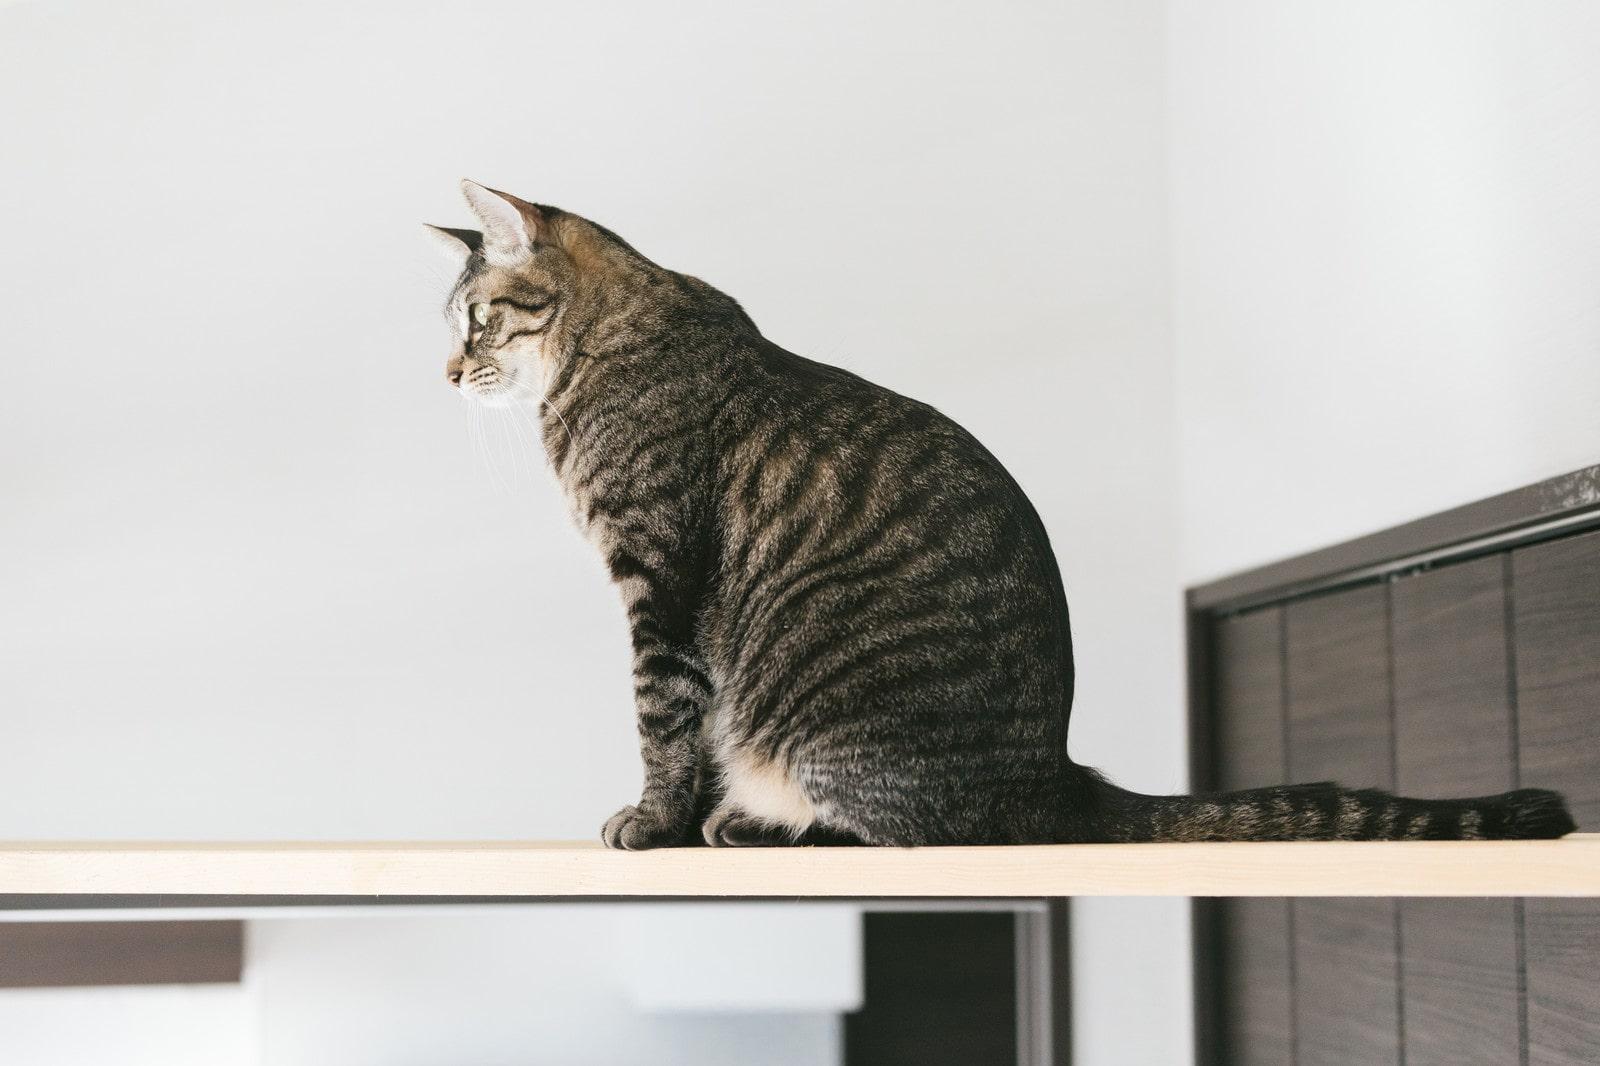 進むか悩んでいる猫